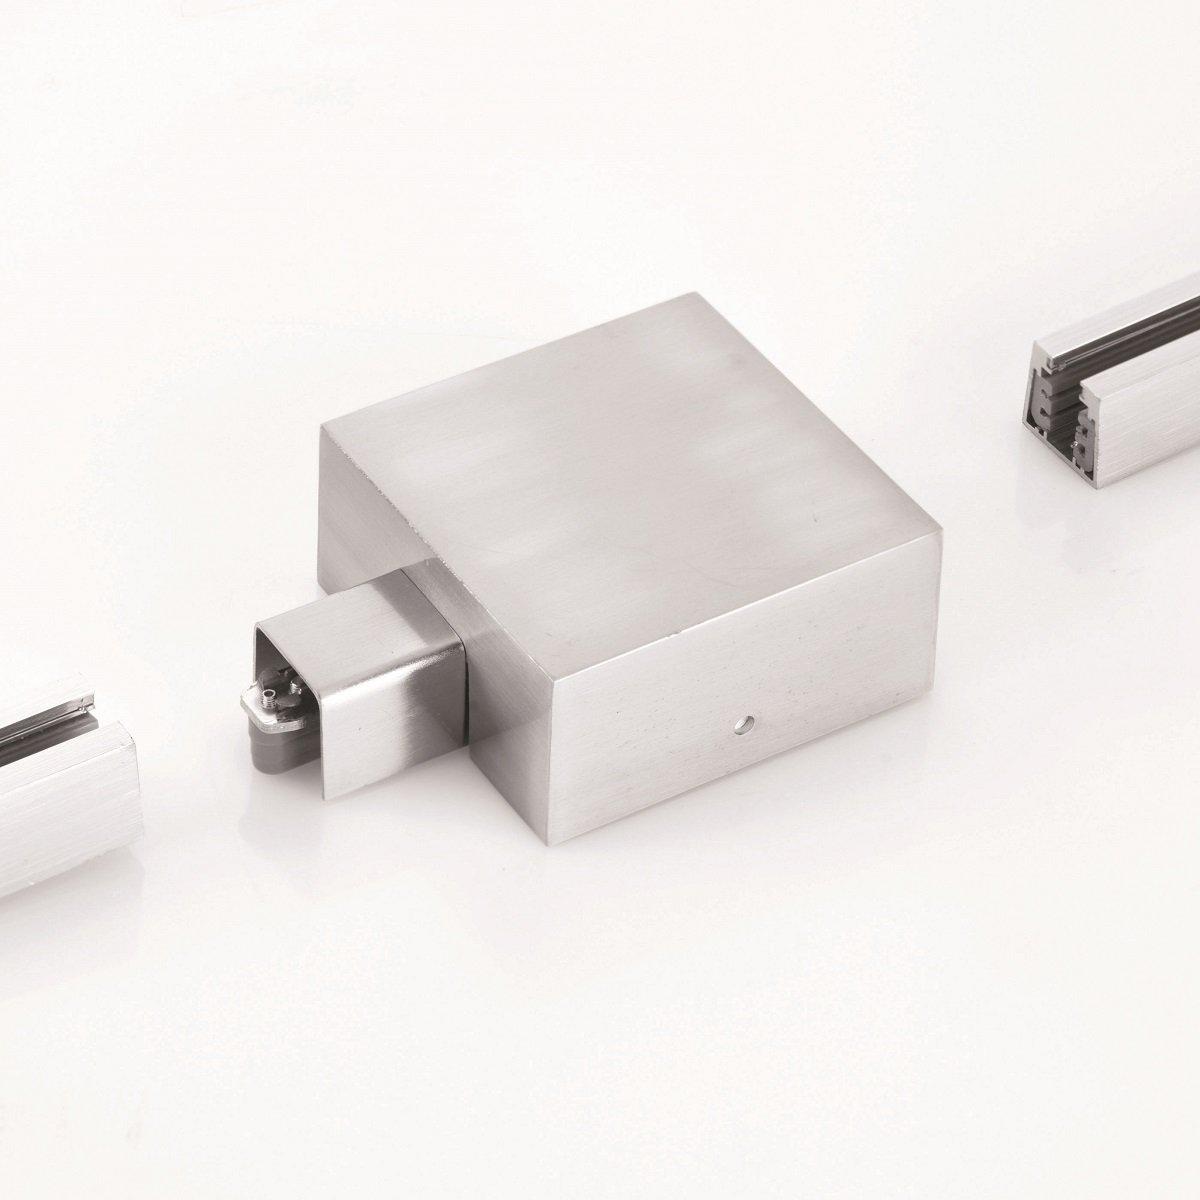 fischer m6 hv track 4 no 24580 stromschienen endeinspeisung nickel matt eur 54 20. Black Bedroom Furniture Sets. Home Design Ideas